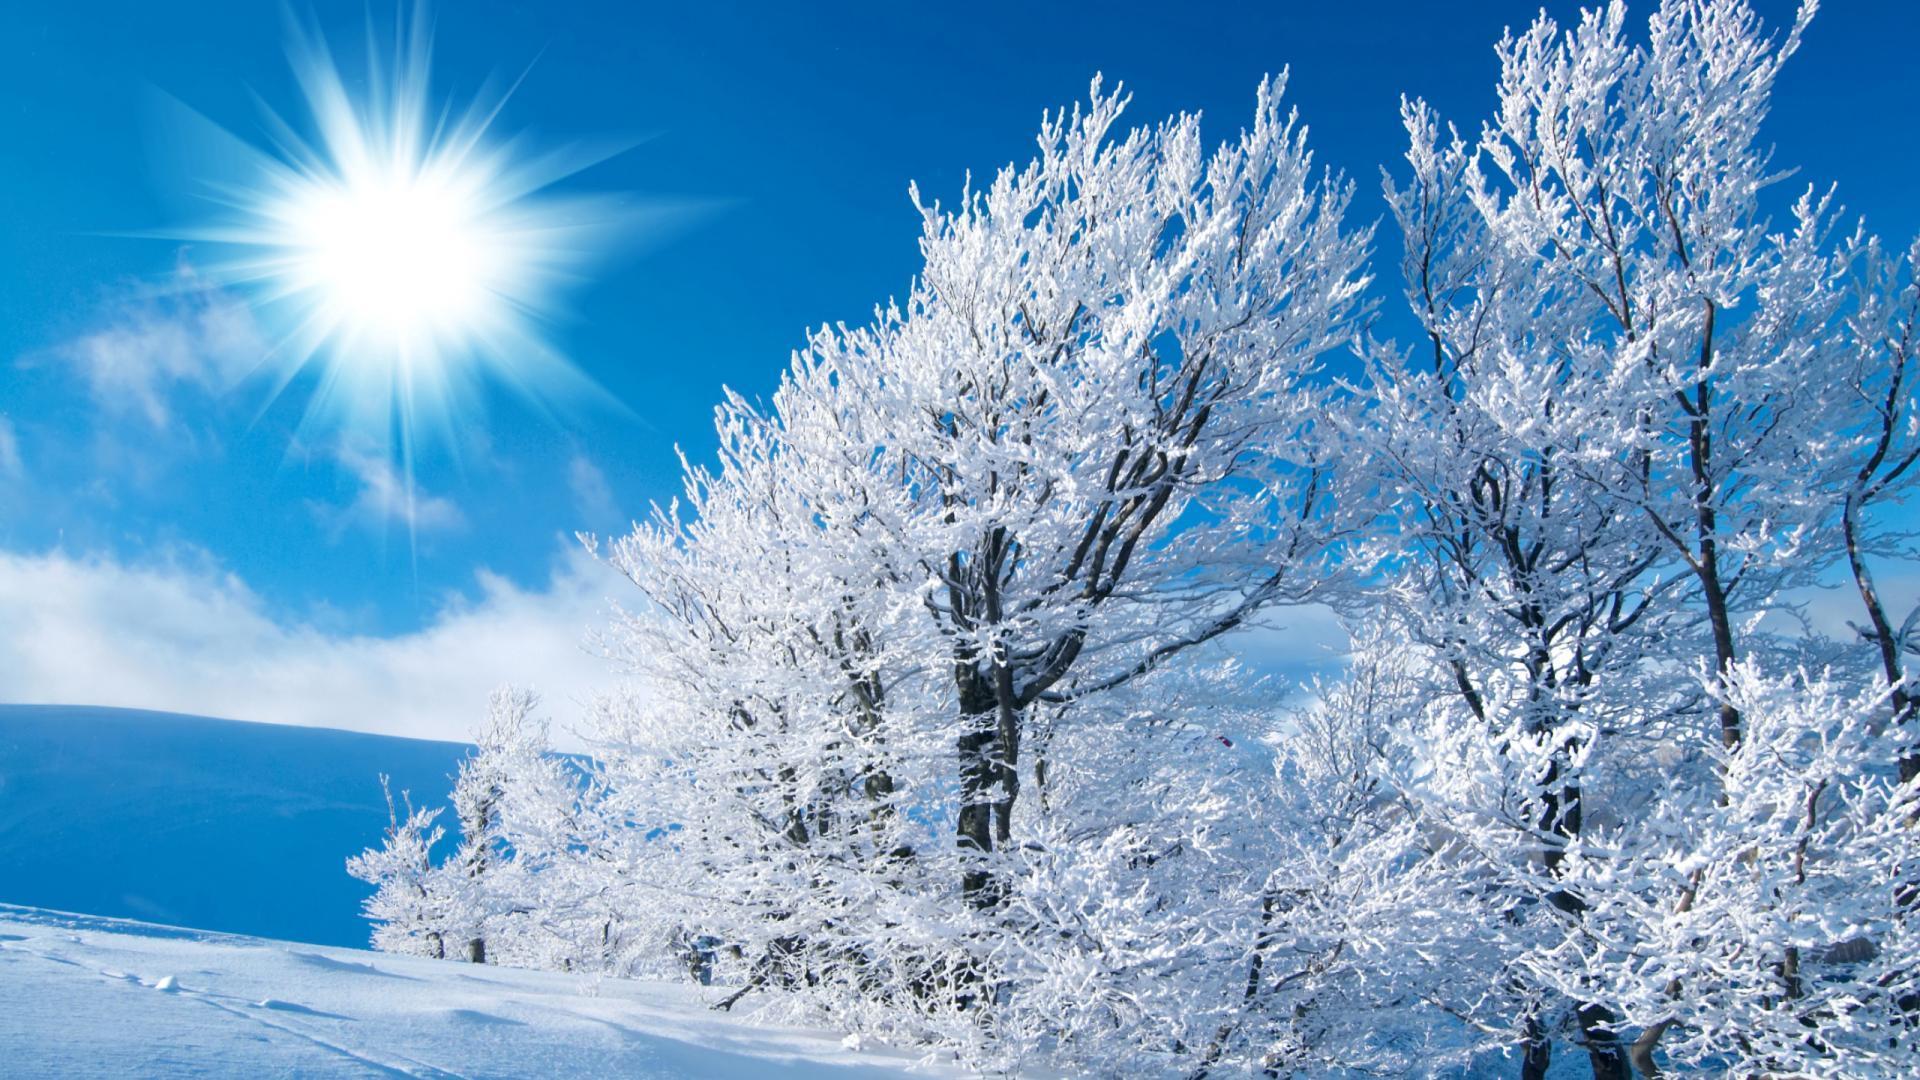 Обои зима рисунок